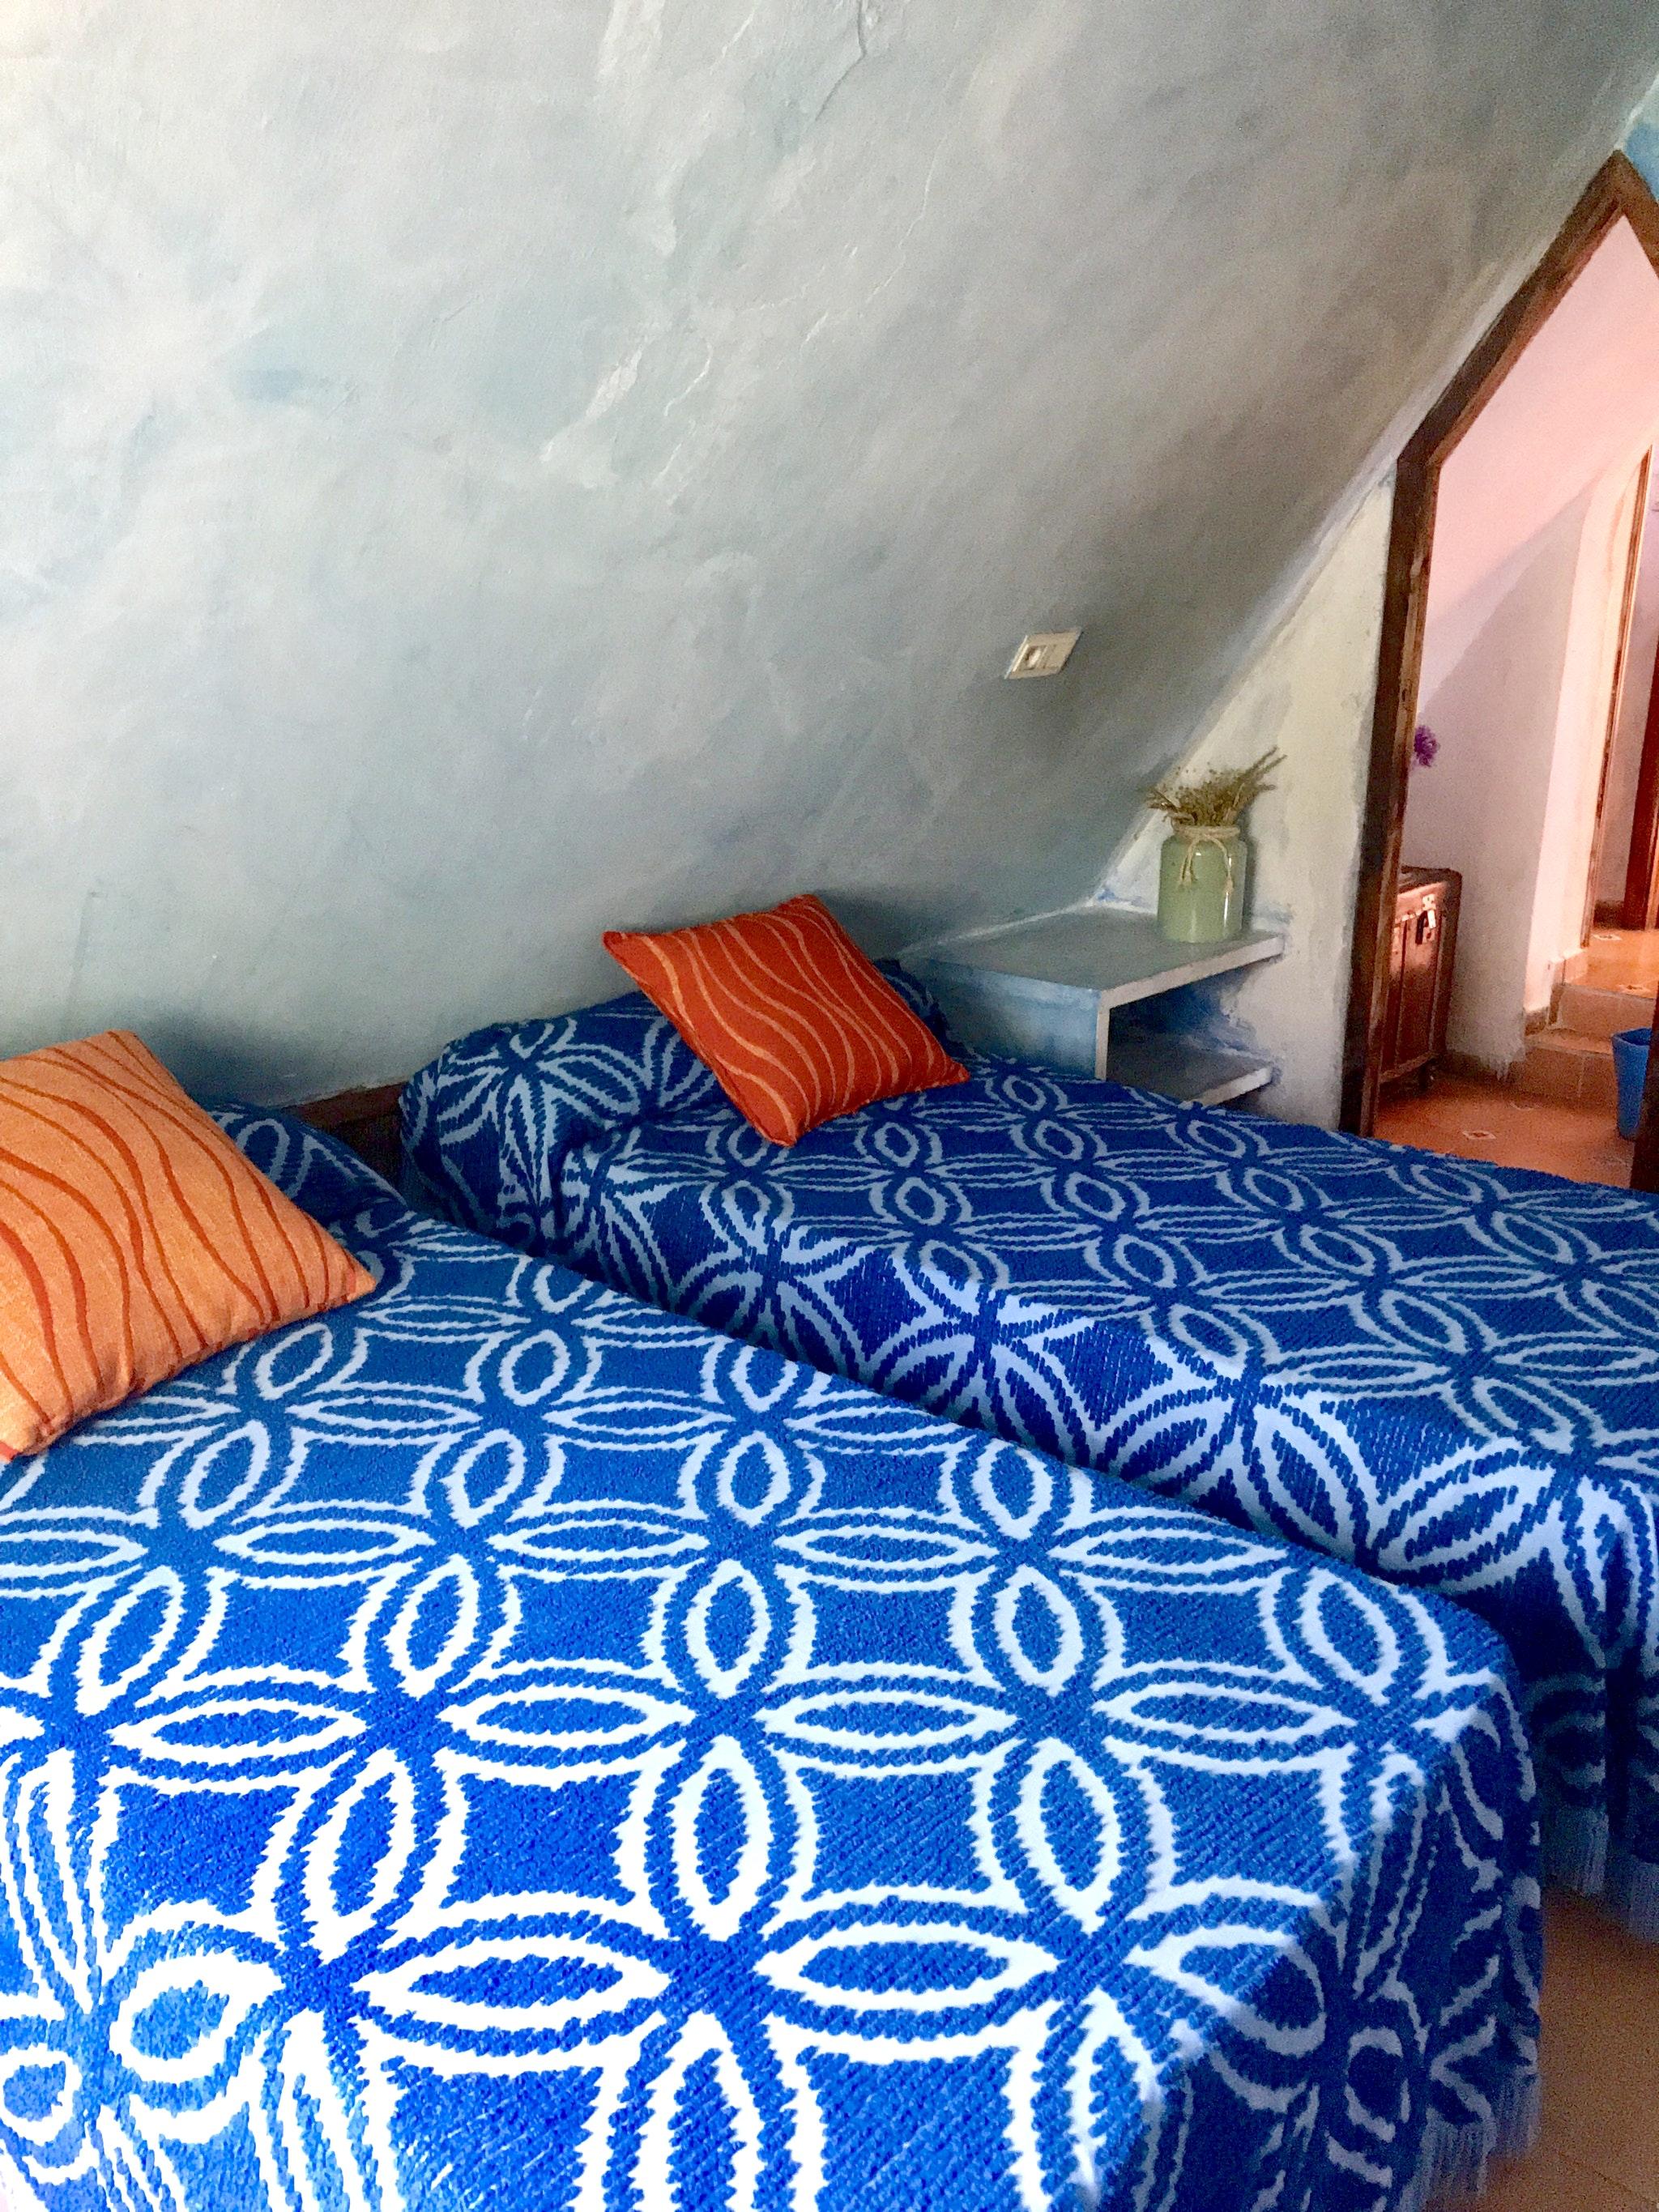 Maison de vacances Hütte mit 4 Schlafzimmern in Camarena de la Sierra mit toller Aussicht auf die Berge, priv (2474258), Camarena de la Sierra, Teruel, Aragon, Espagne, image 24